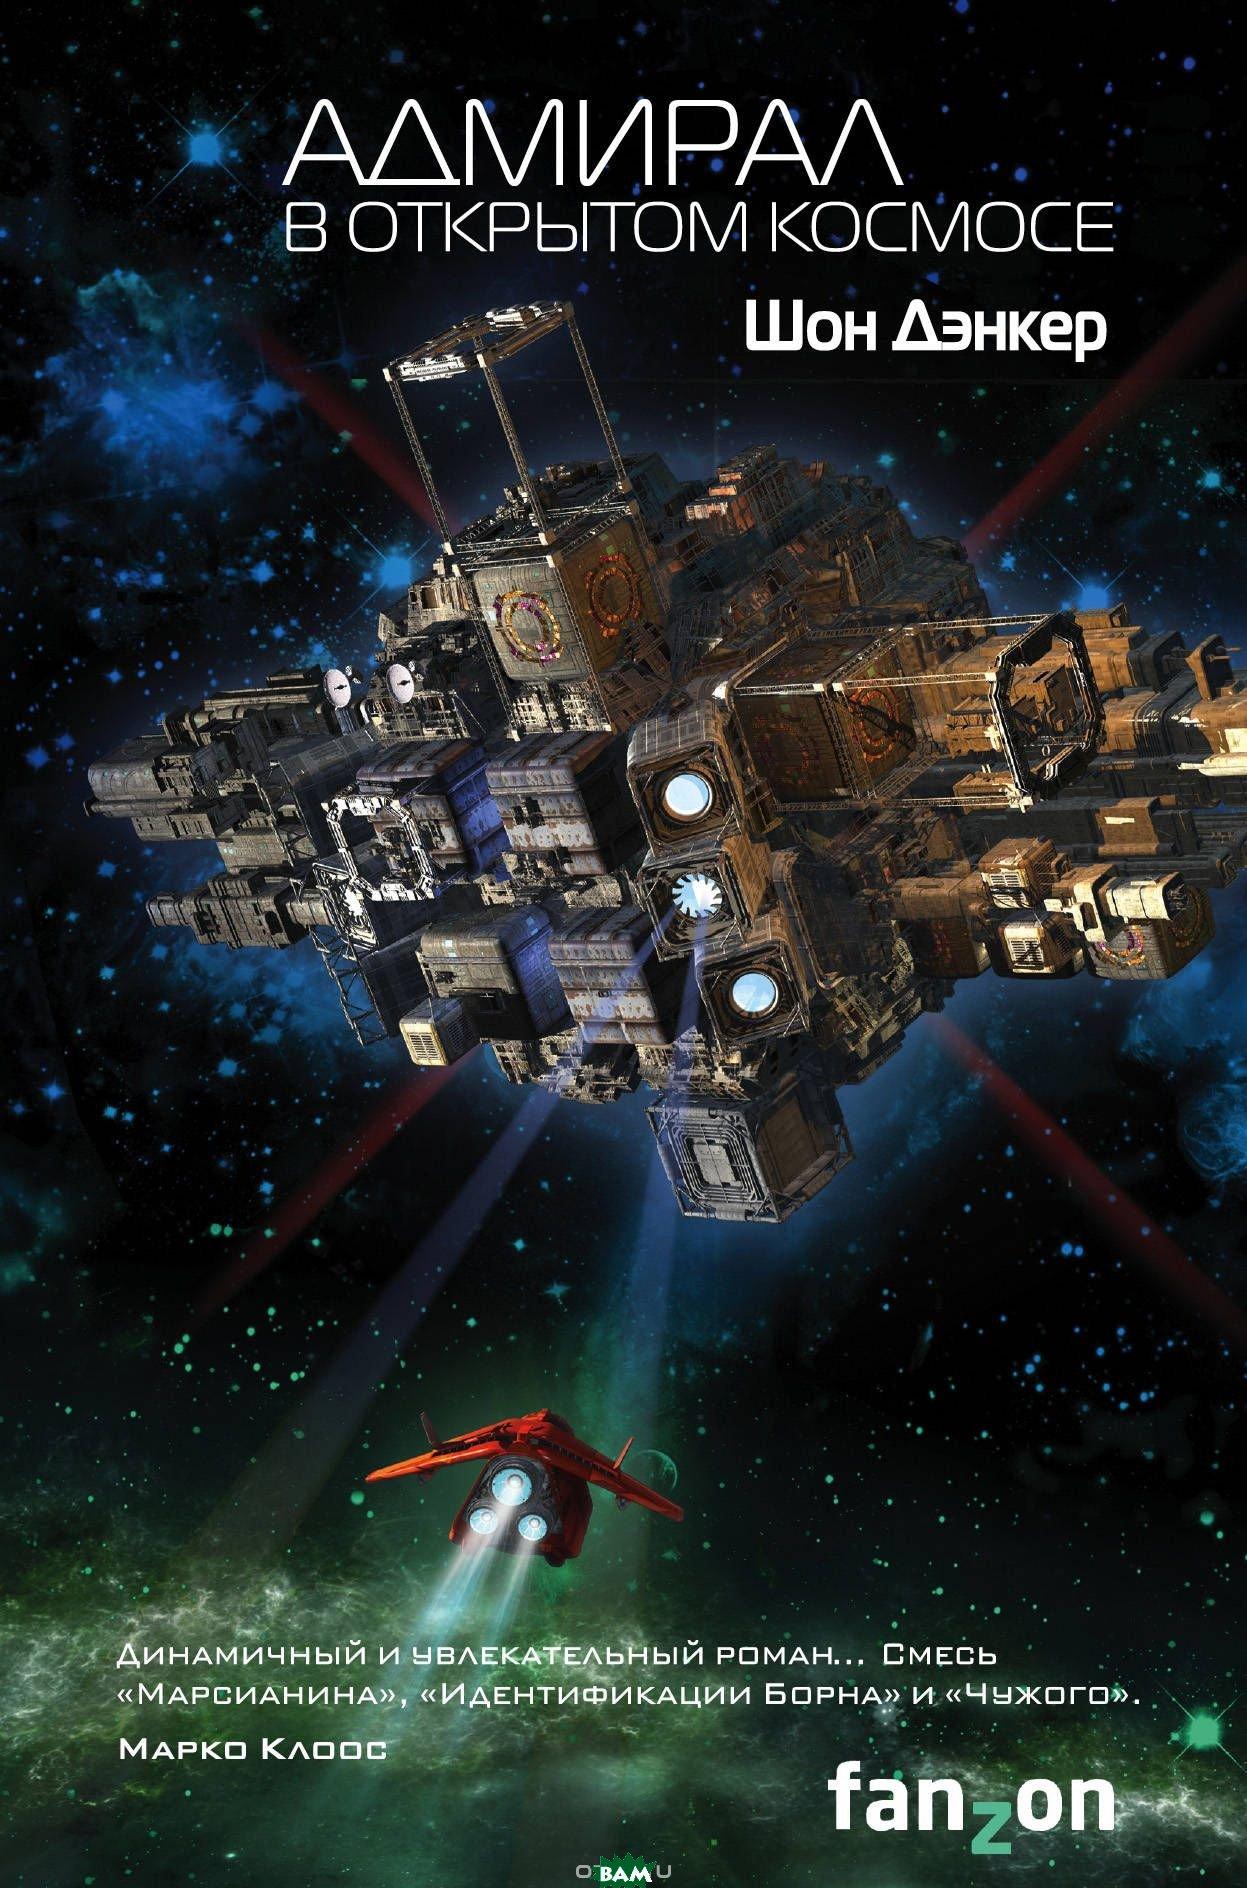 Купить Адмирал. В открытом космосе, Fanzon, Дэнкер Шон, 978-5-04-092278-9